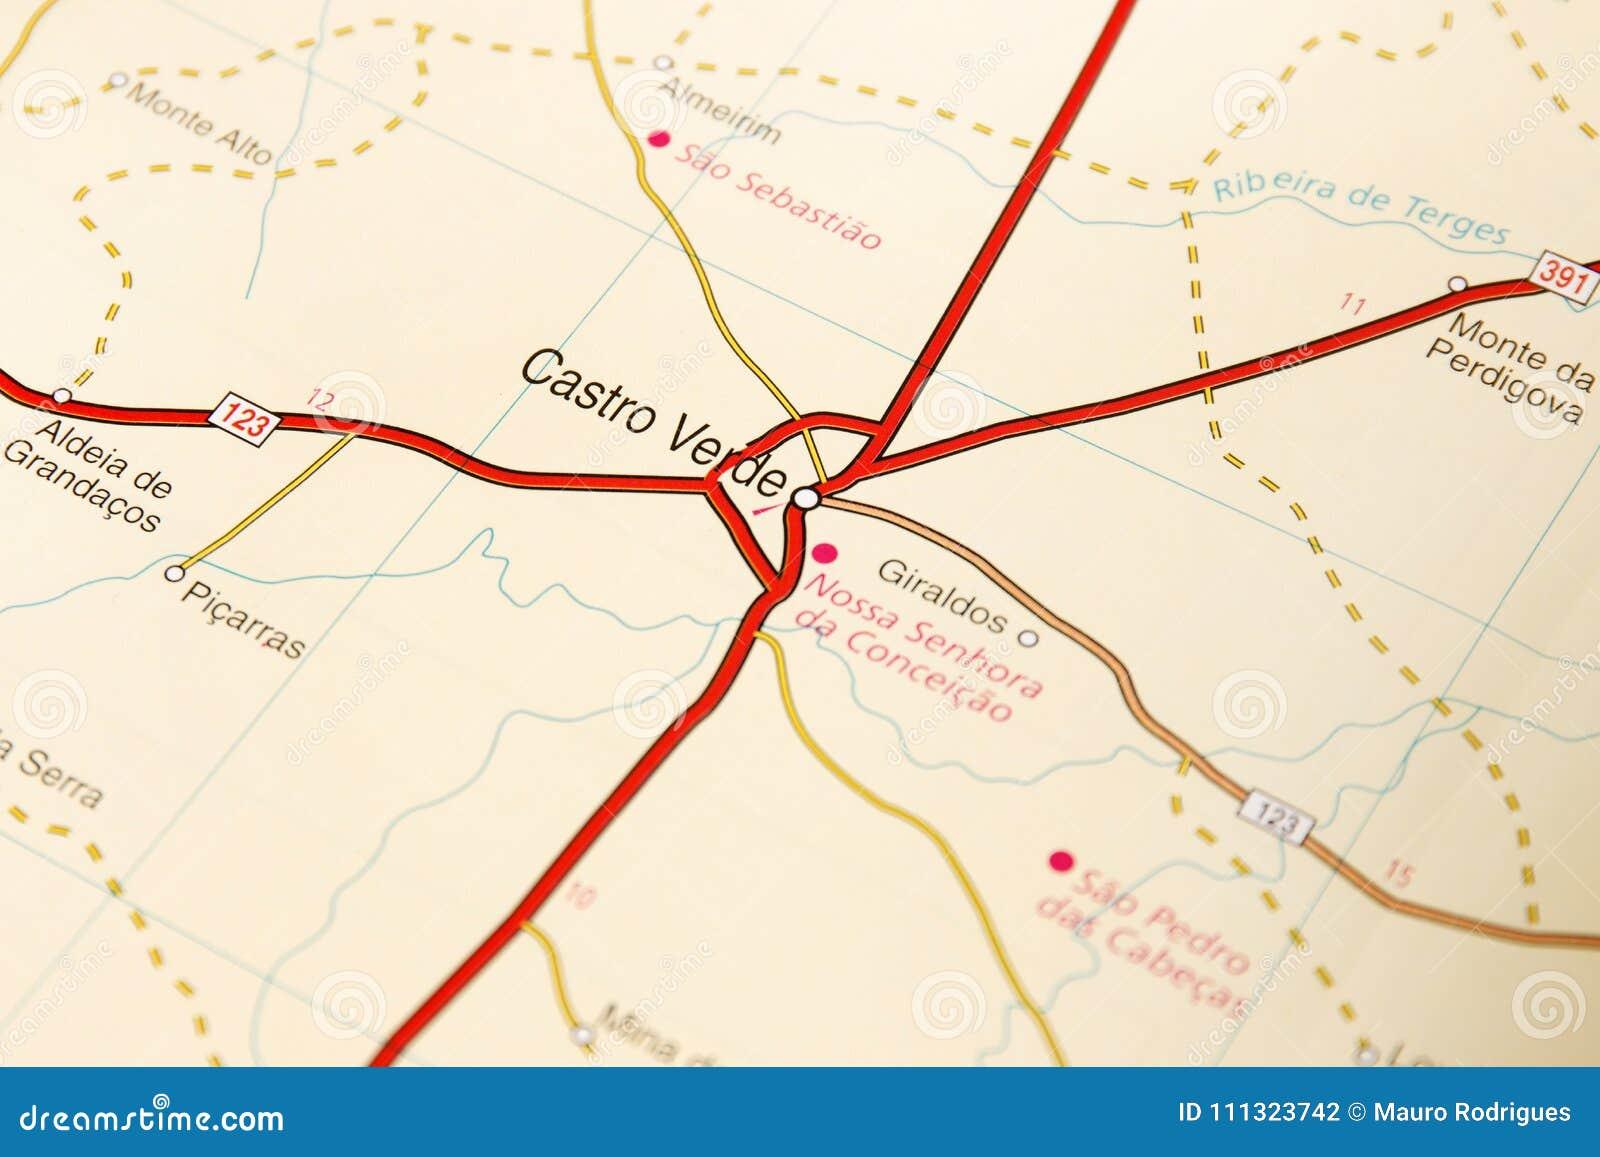 Detalhe Do Mapa De Estradas Foto De Stock Imagem De Estrada